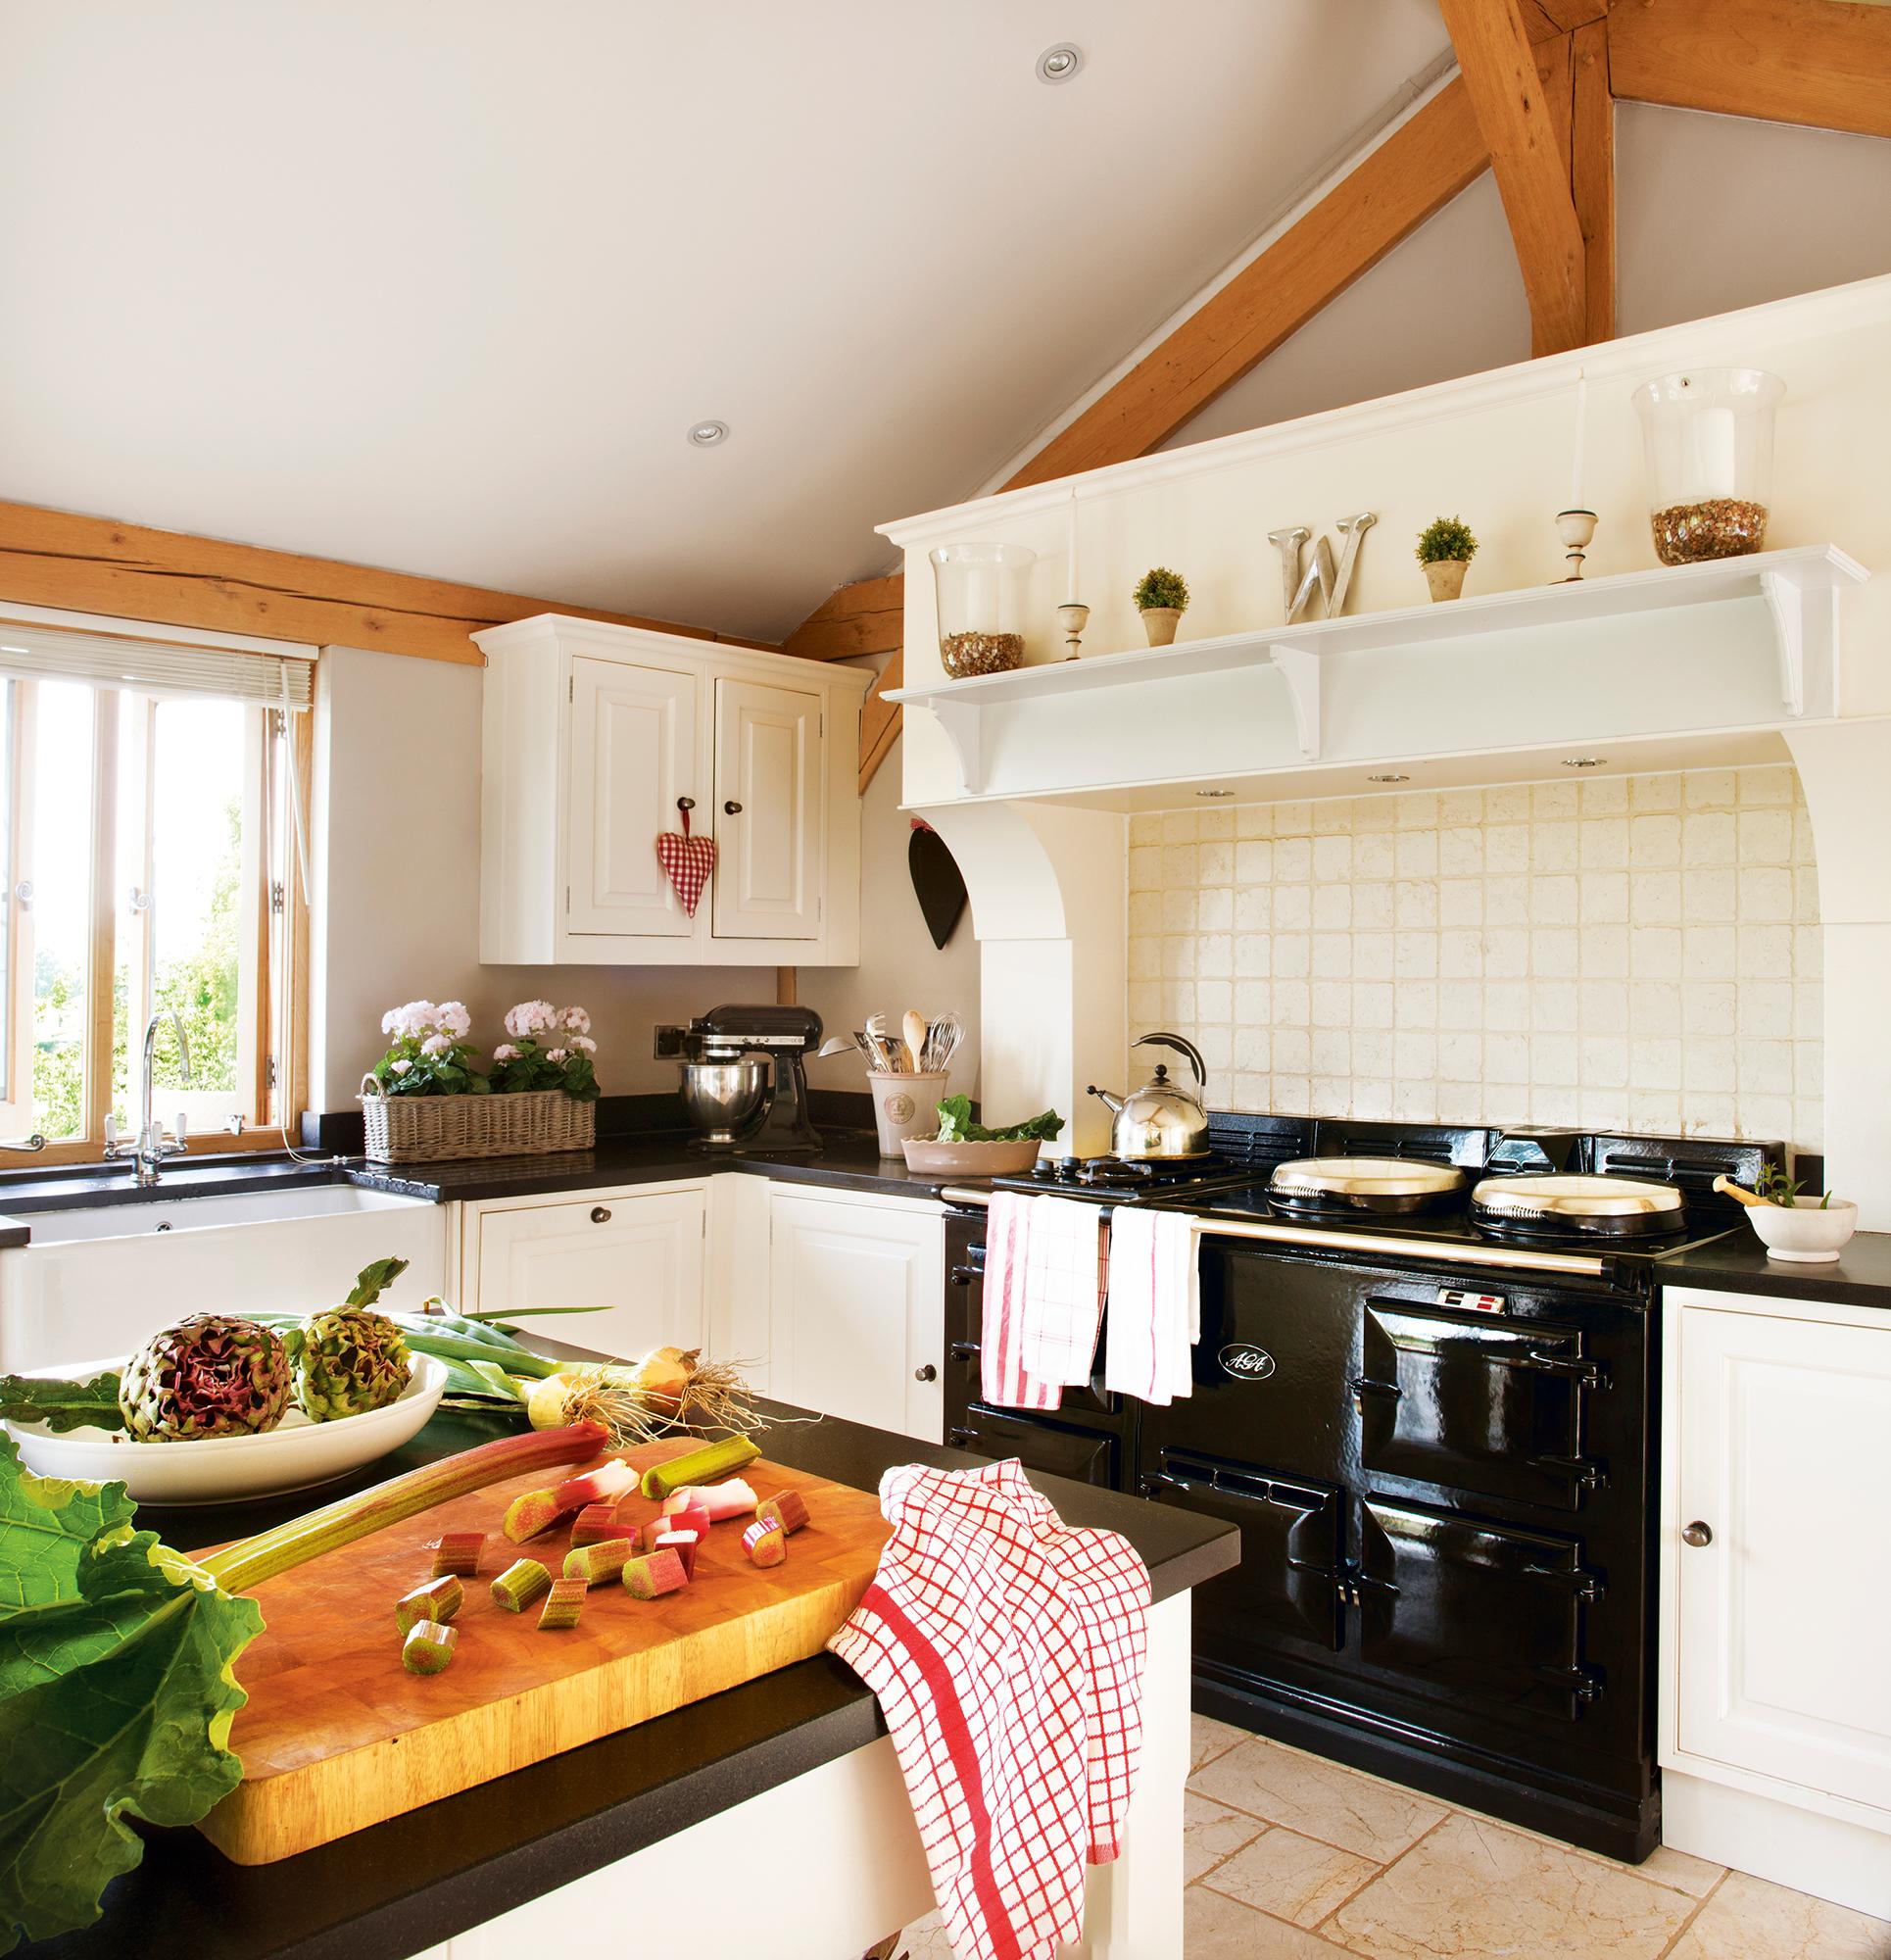 Cocinas muebles decoraci n dise o blancas o peque as for Cocinas de campo